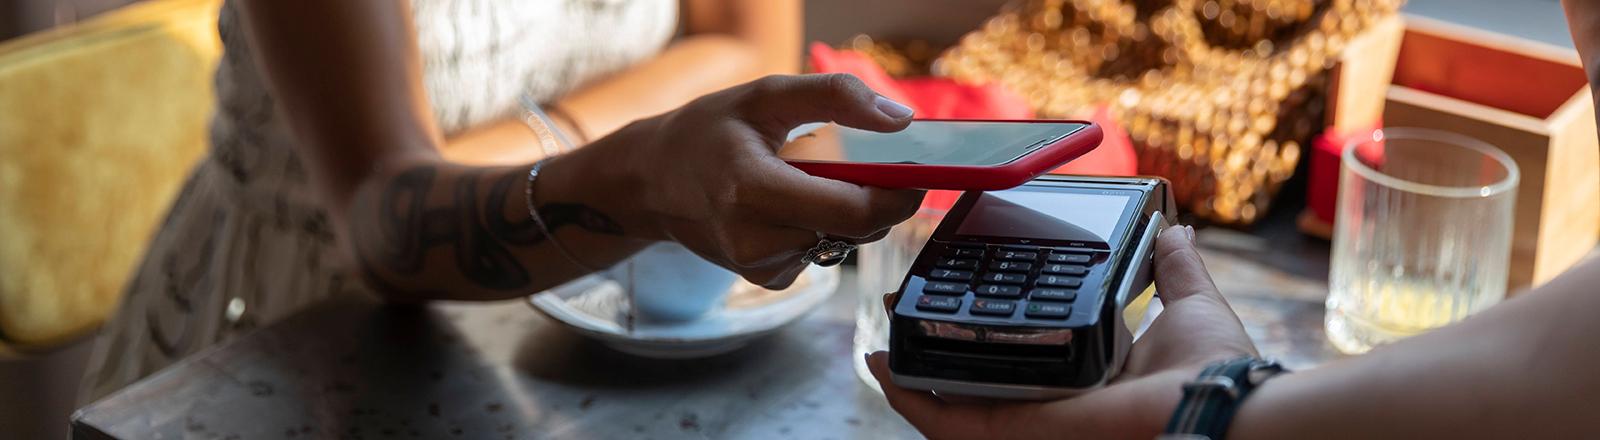 Eine Person sitzt an einem Tisch und hält ihr Handy über ein EC-Gerät, um kontaktlos zu bezahlen.